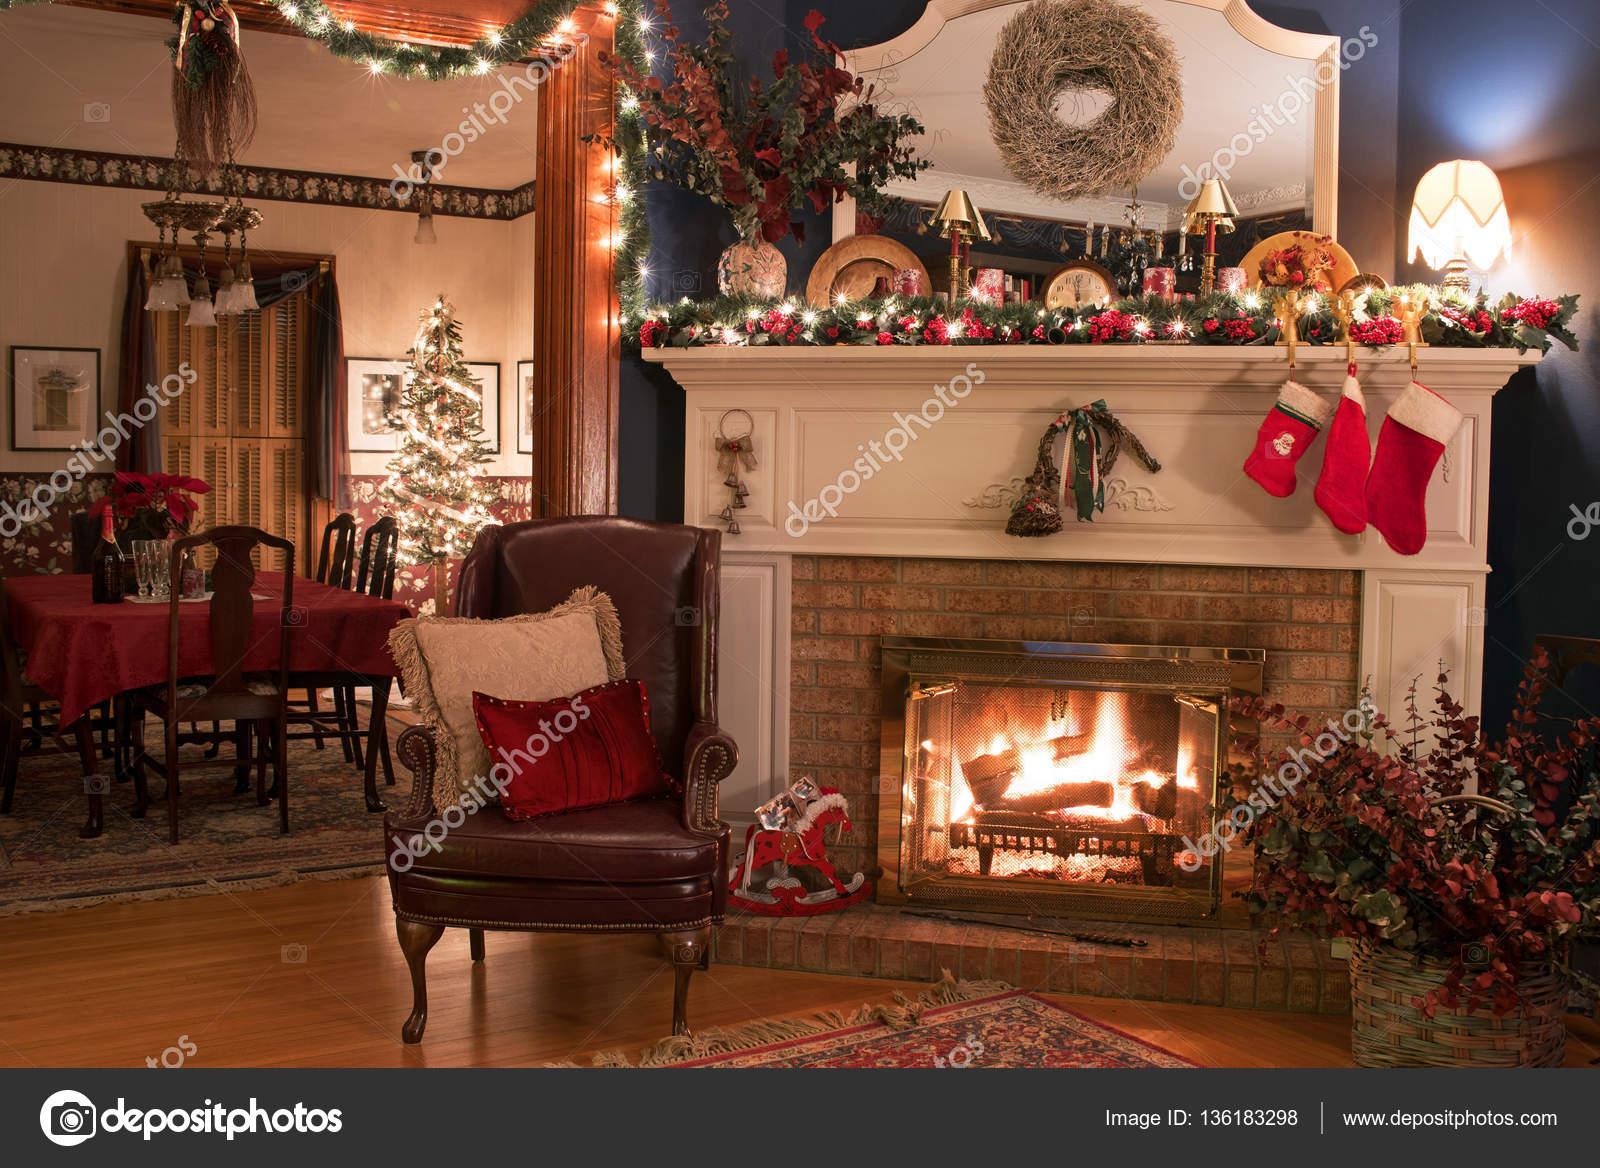 Gemütliche Weihnachten Kamin Einstellung — Stockfoto © Lawcain ...